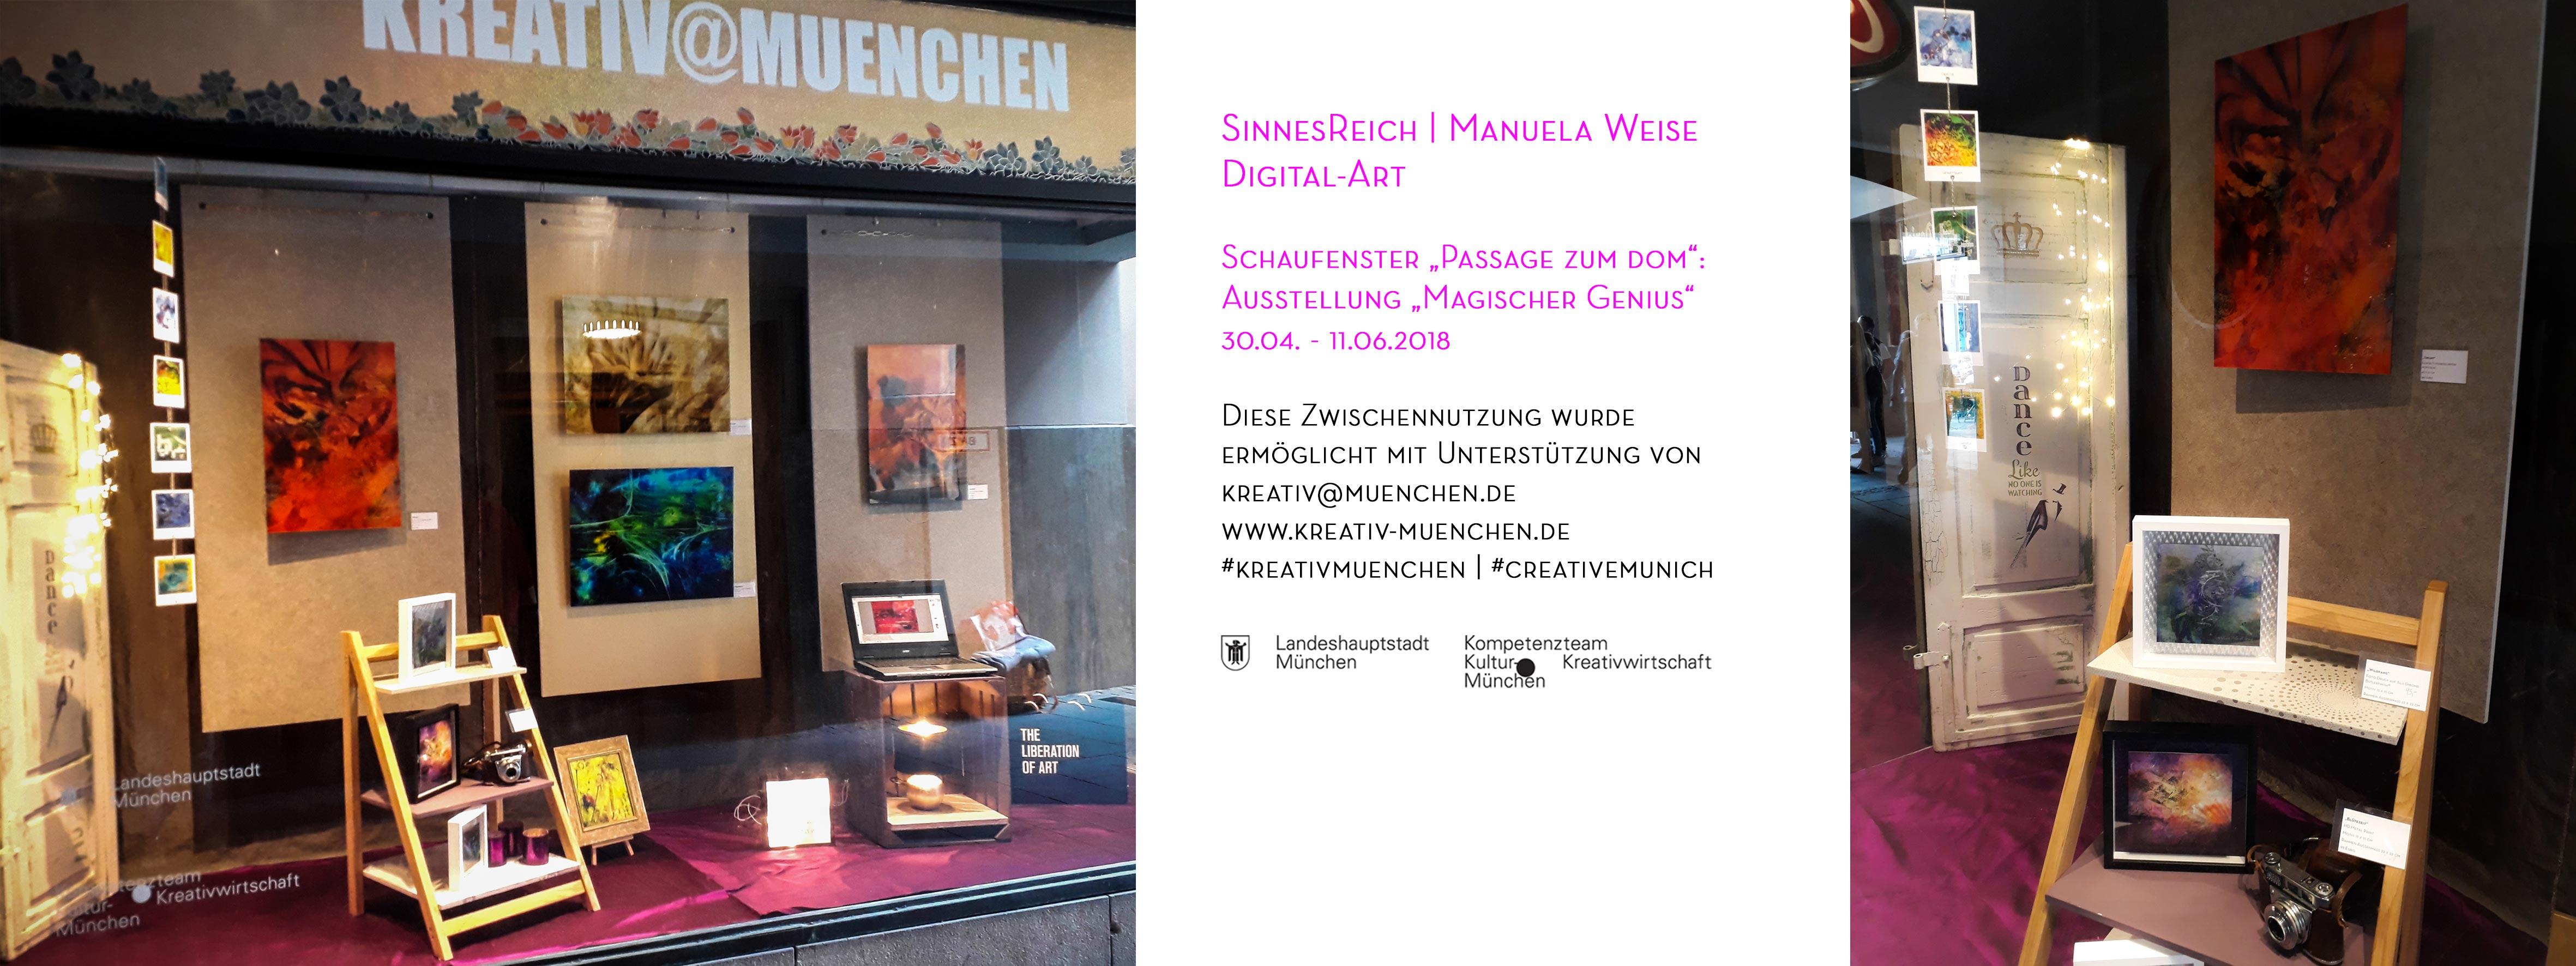 Ausstellung SinnesReich Manuela Weise - Passage zum Dom, München